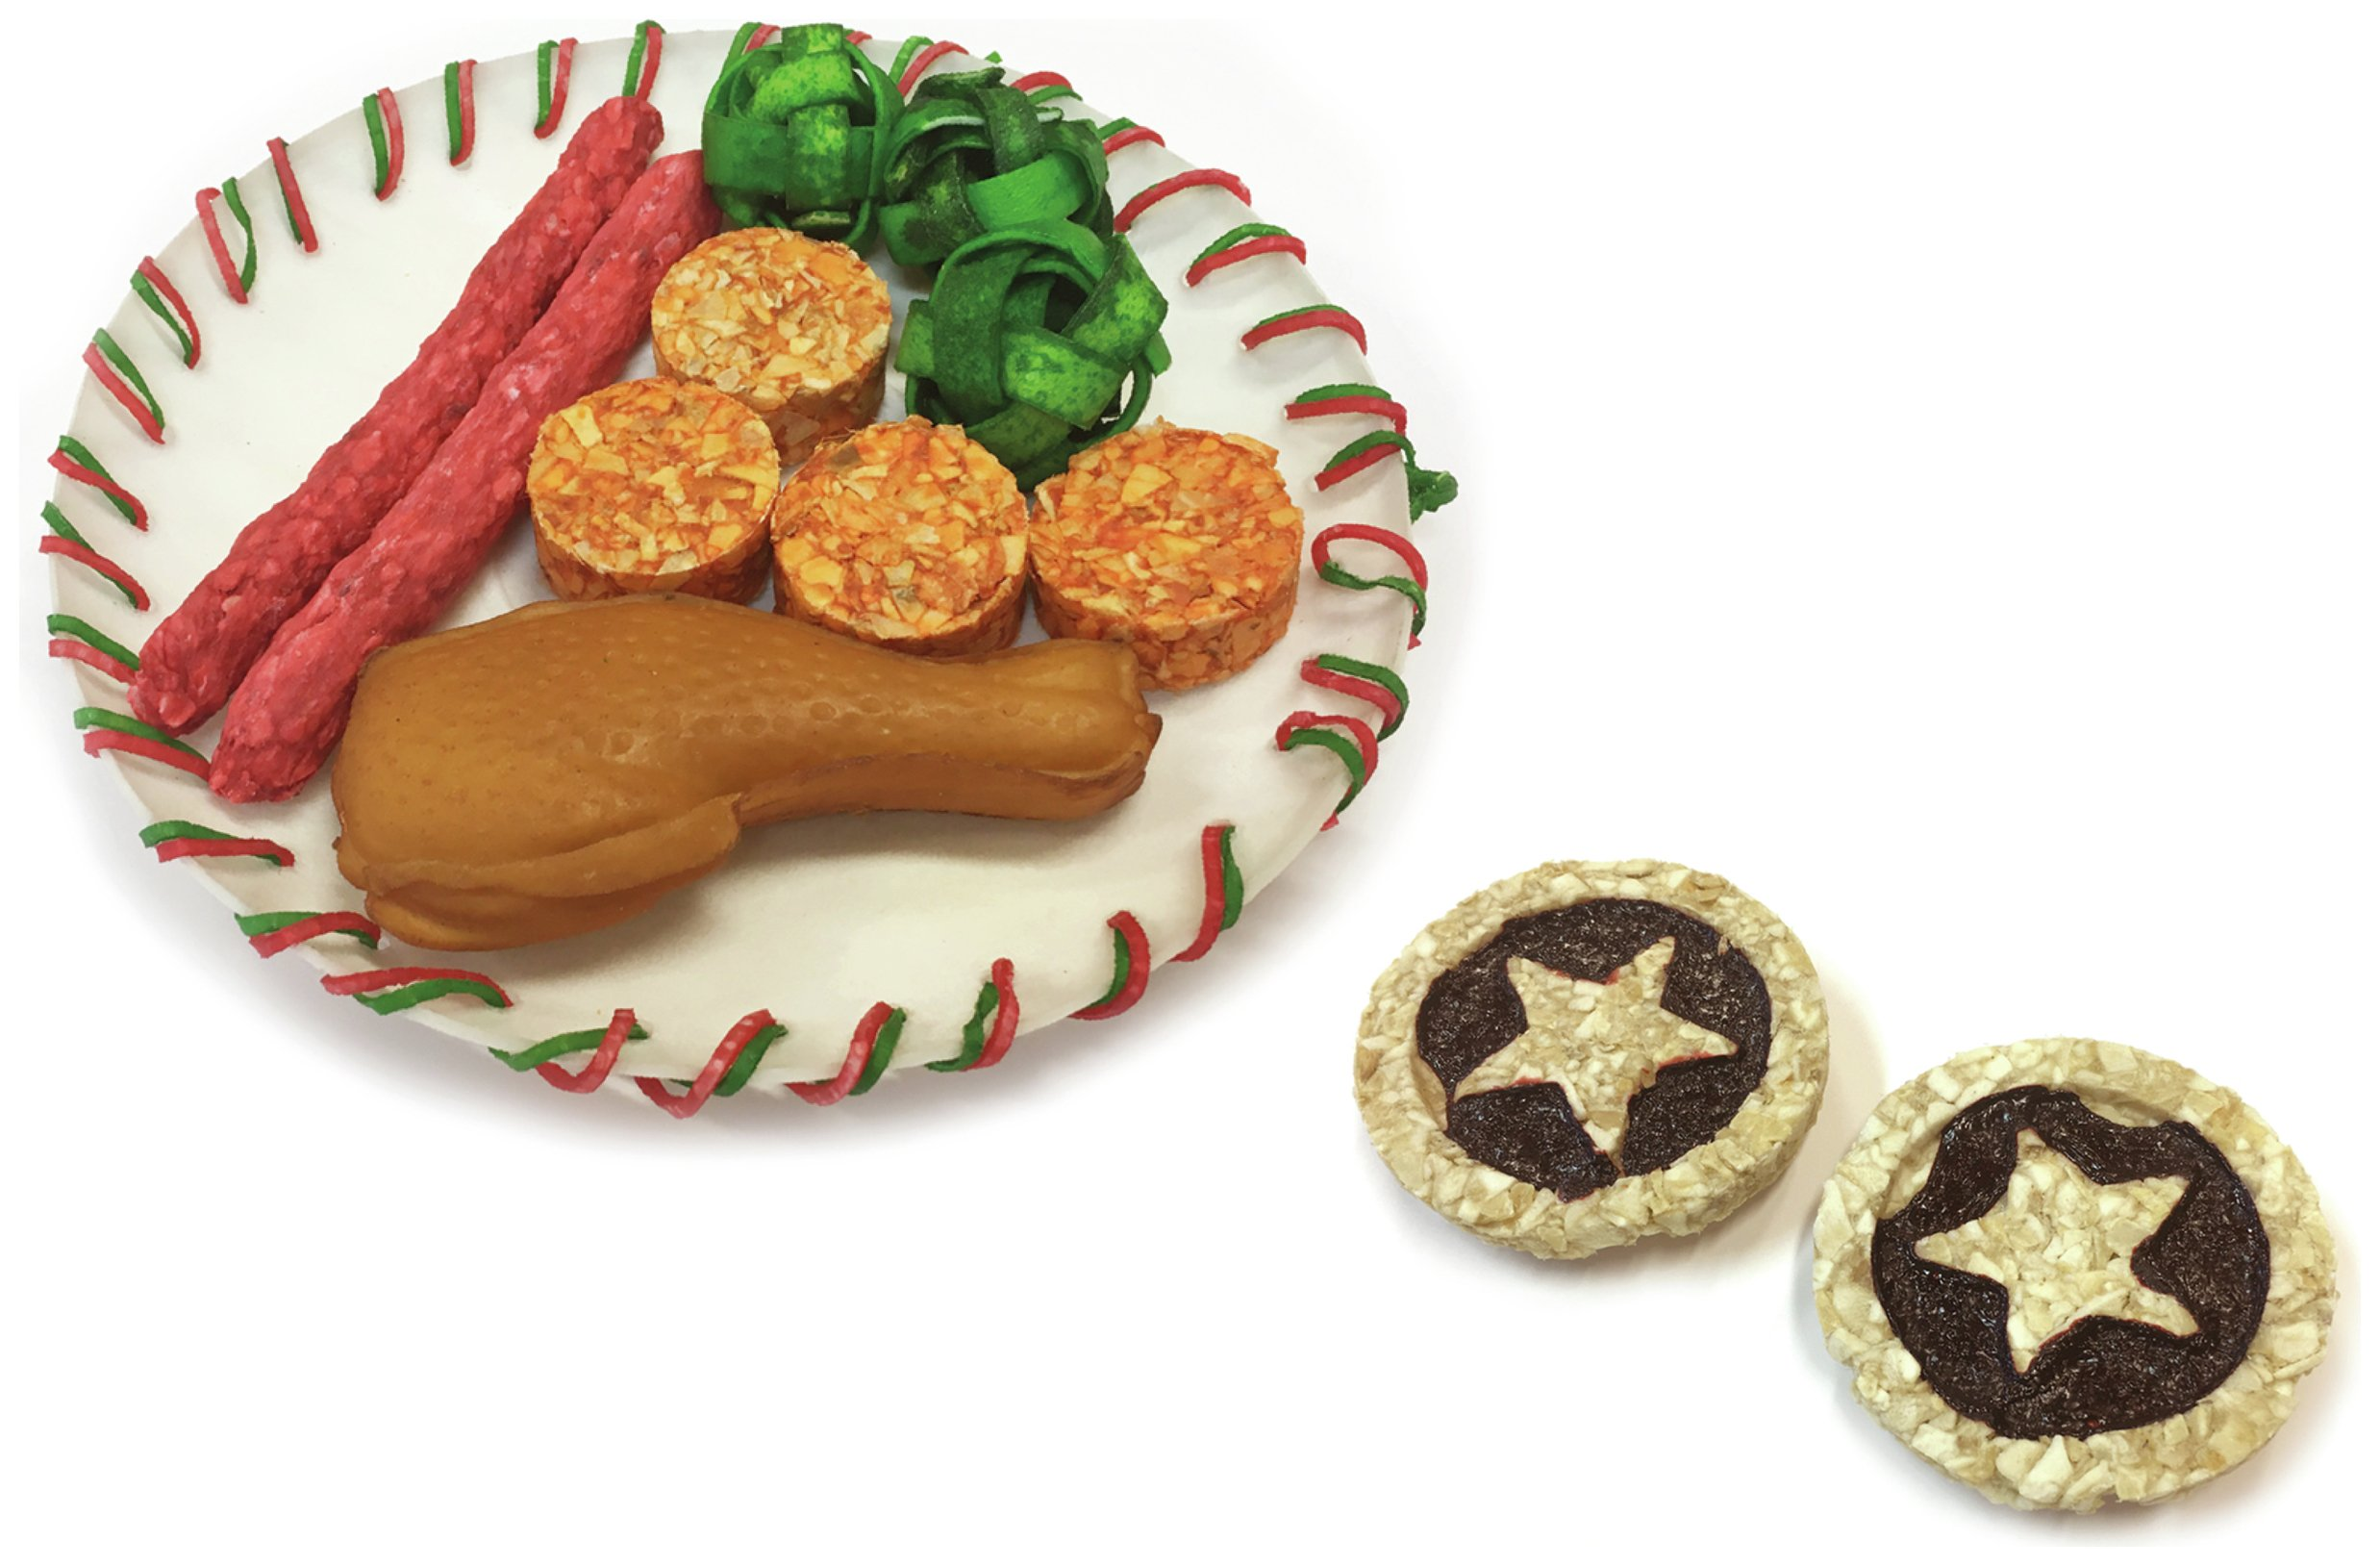 petface-dog-edible-xmas-dinner